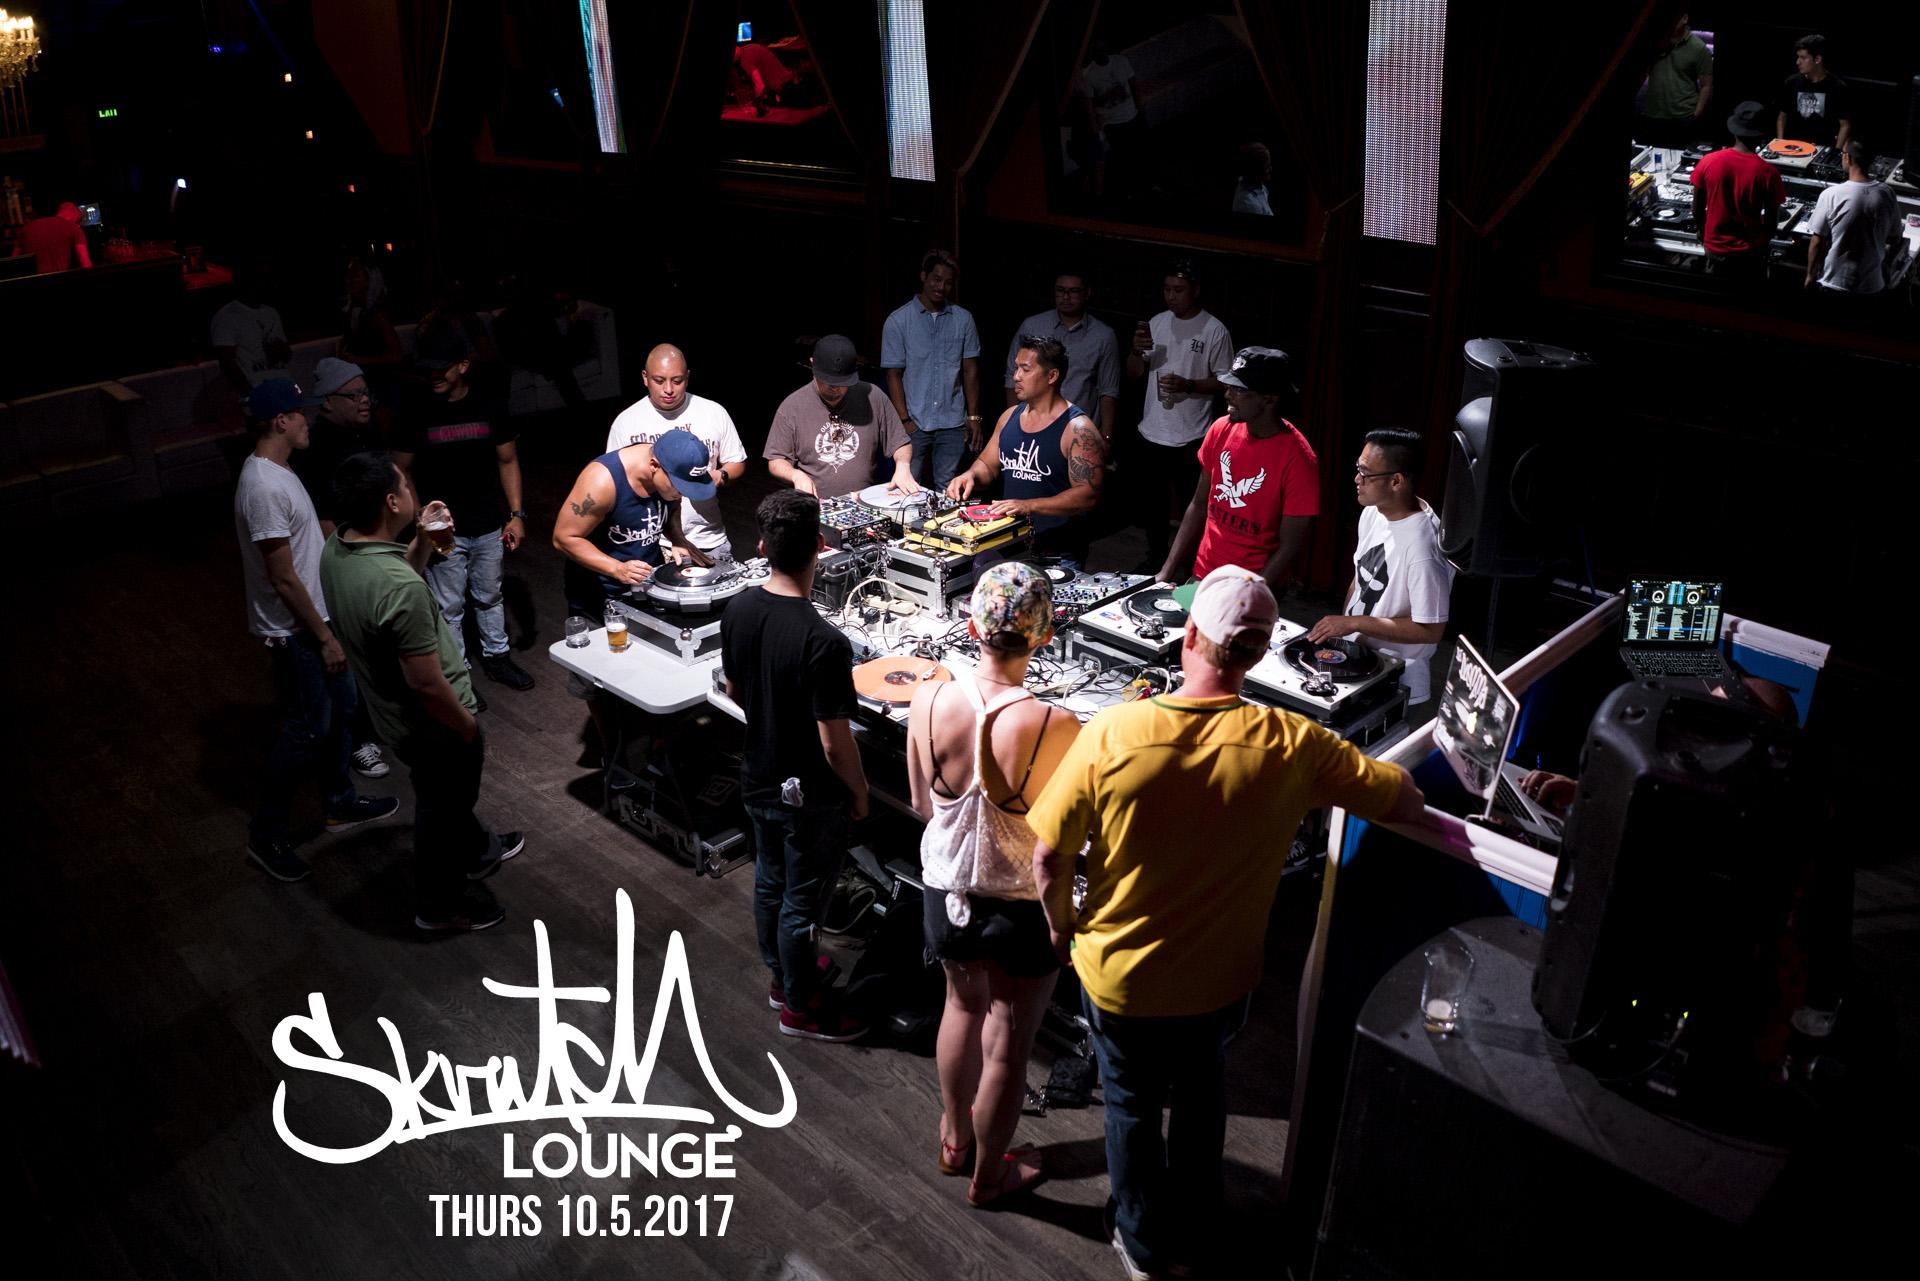 2017_10_05_Skratch Lounge.jpg